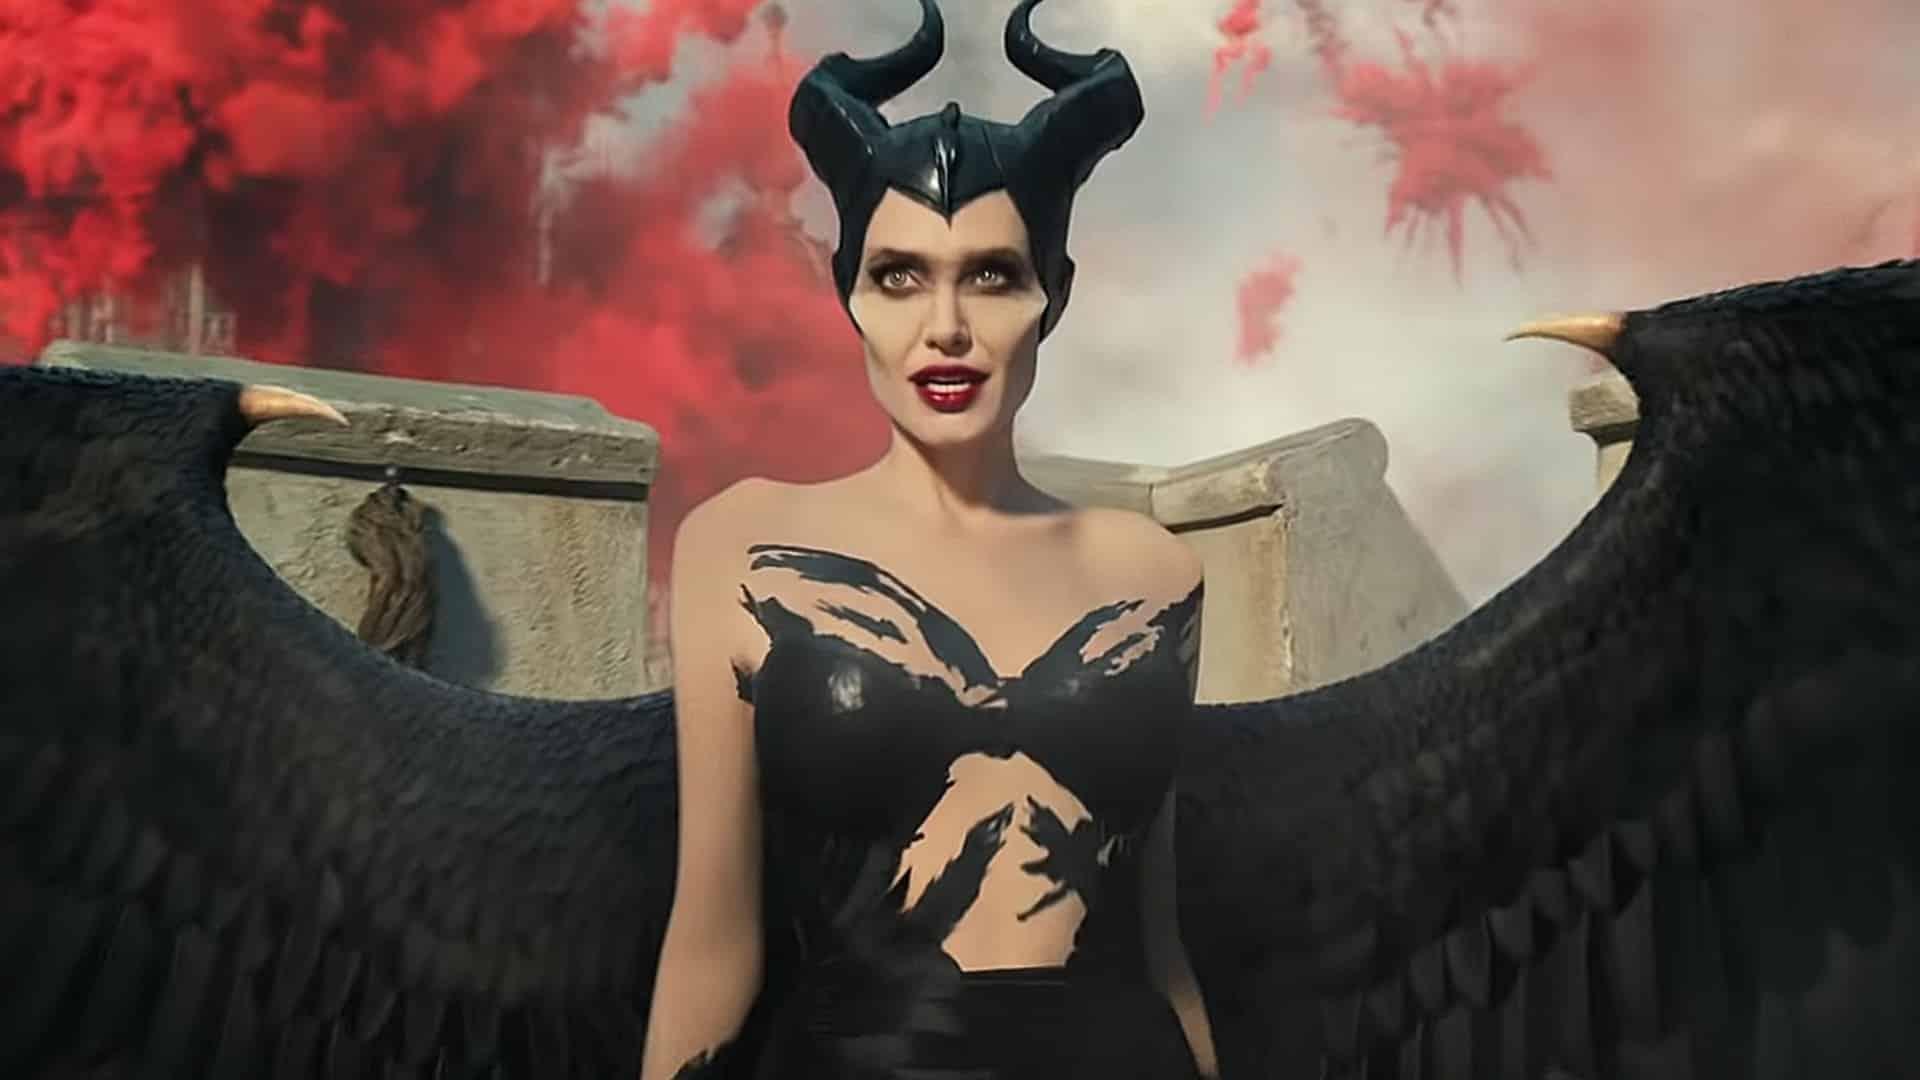 film maleficent: mistress of evil